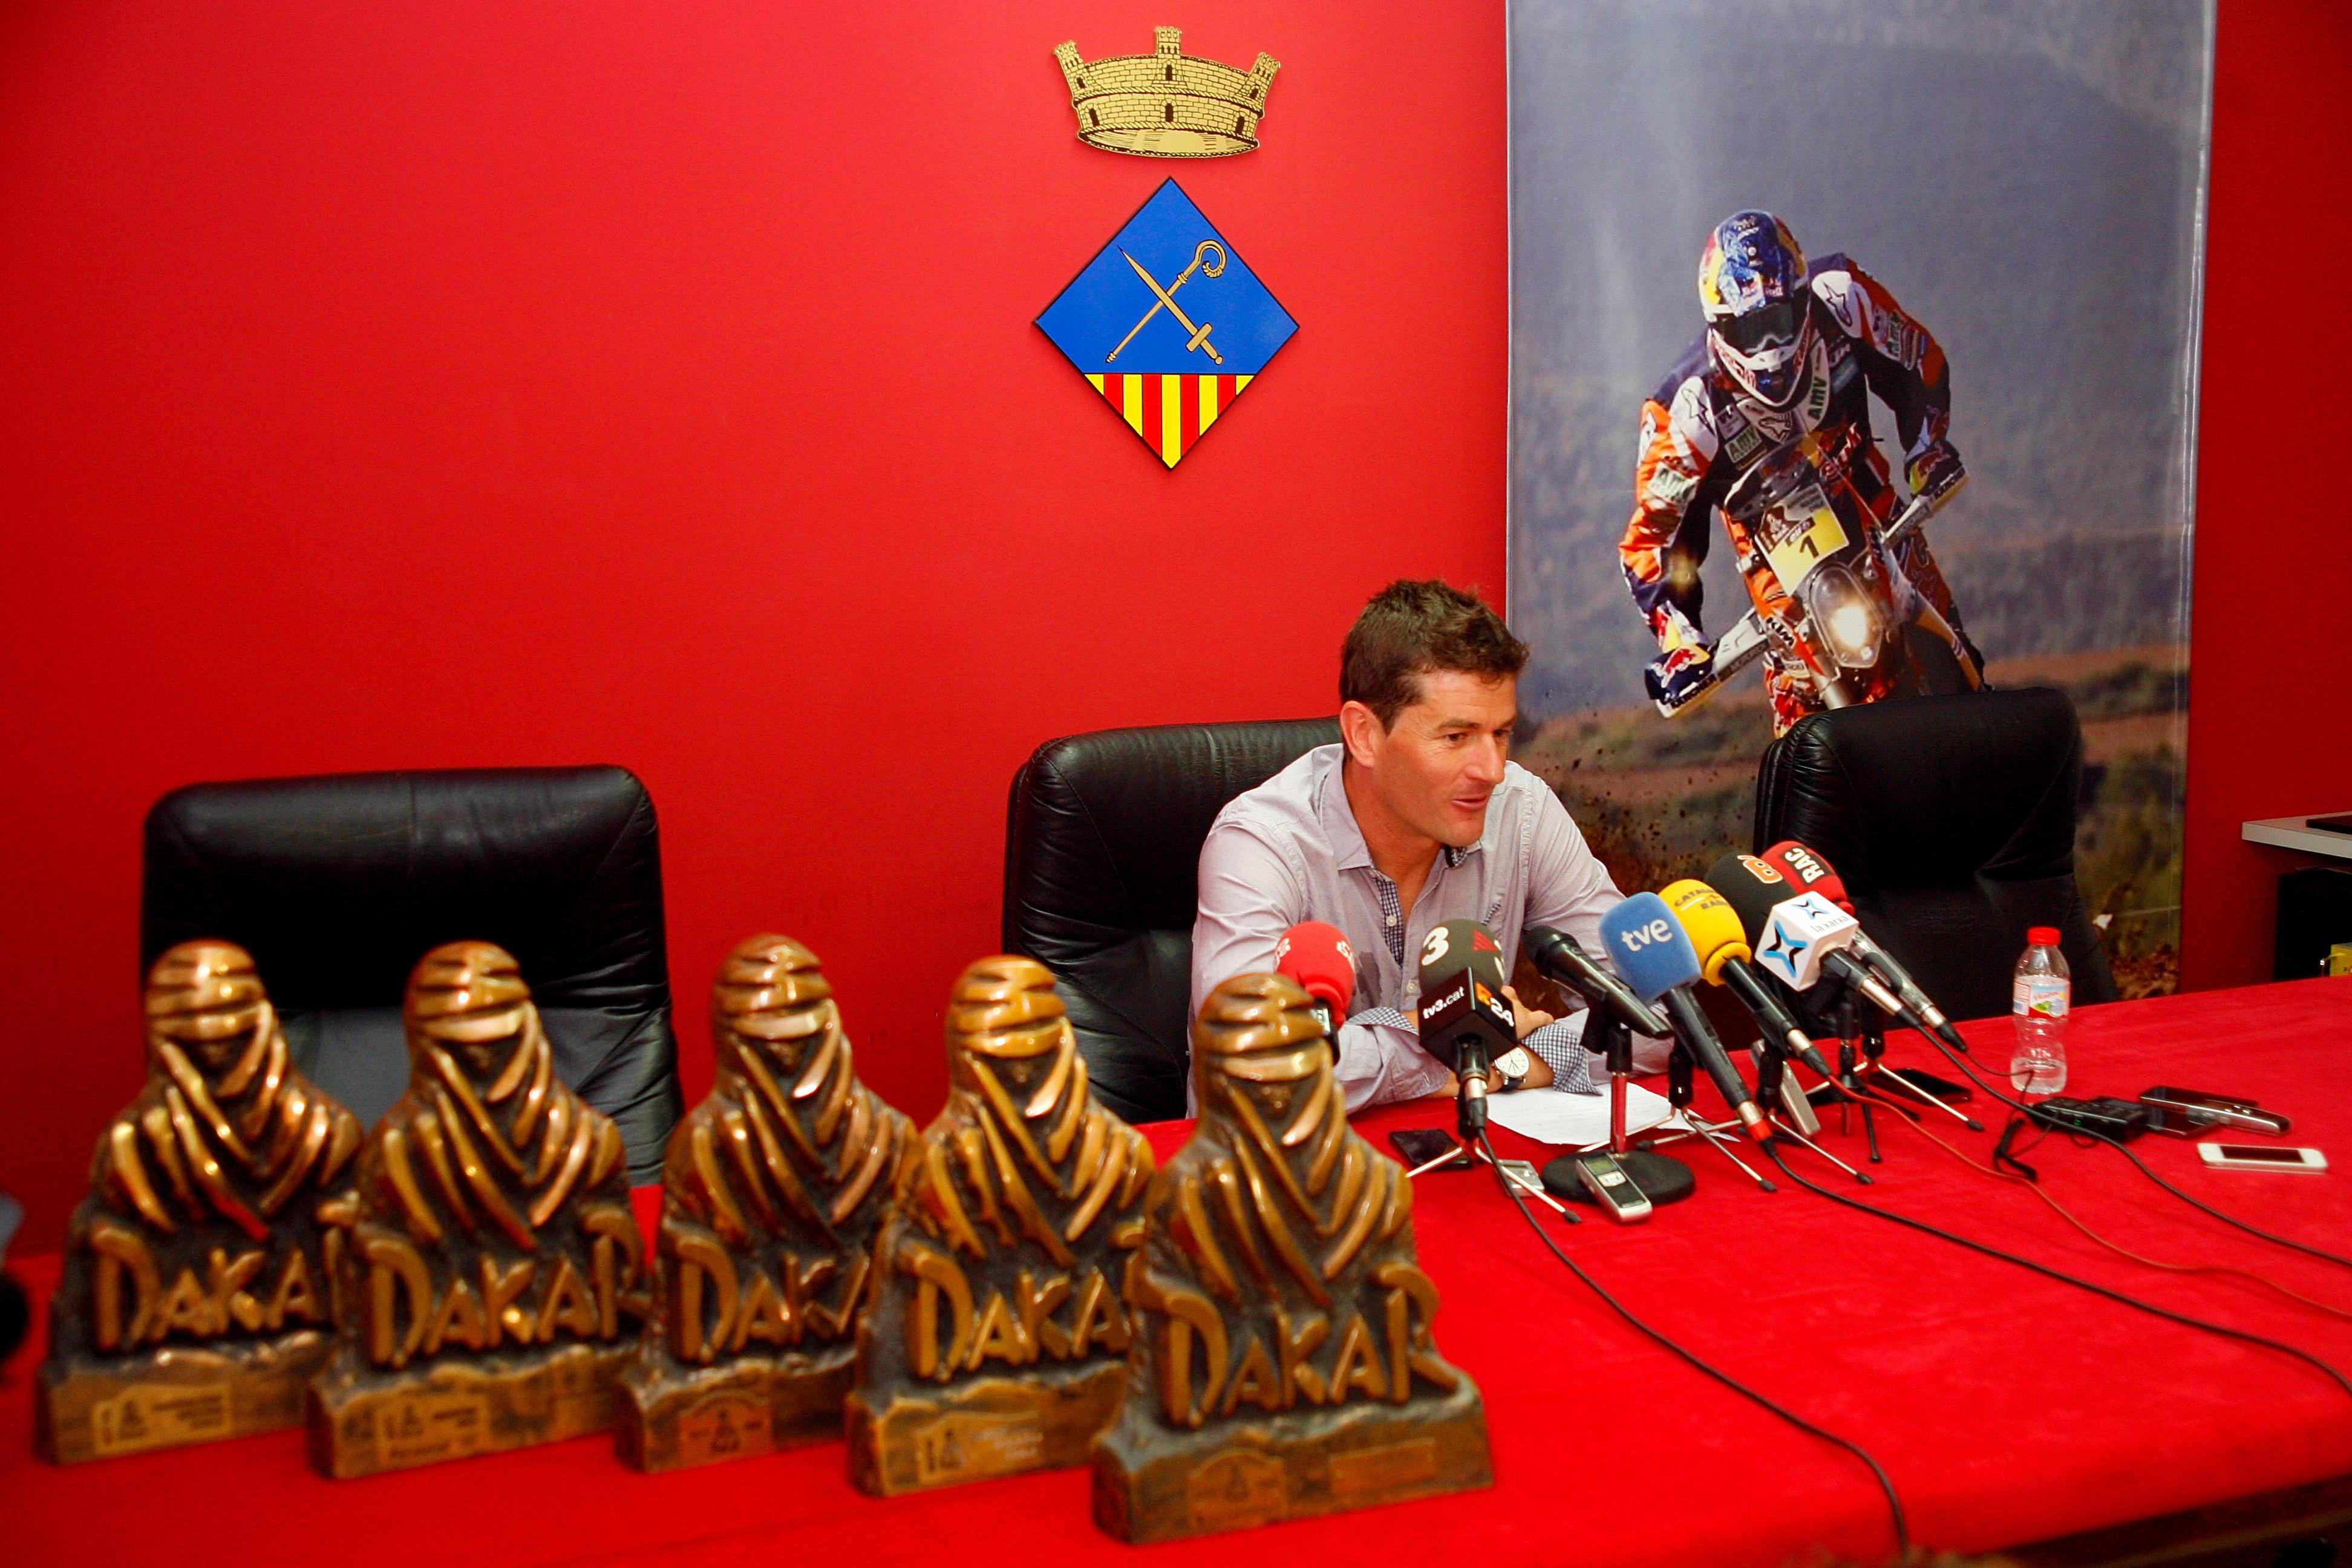 Marc Coma abandona la competición tras cinco Dakar y seis Mundiales